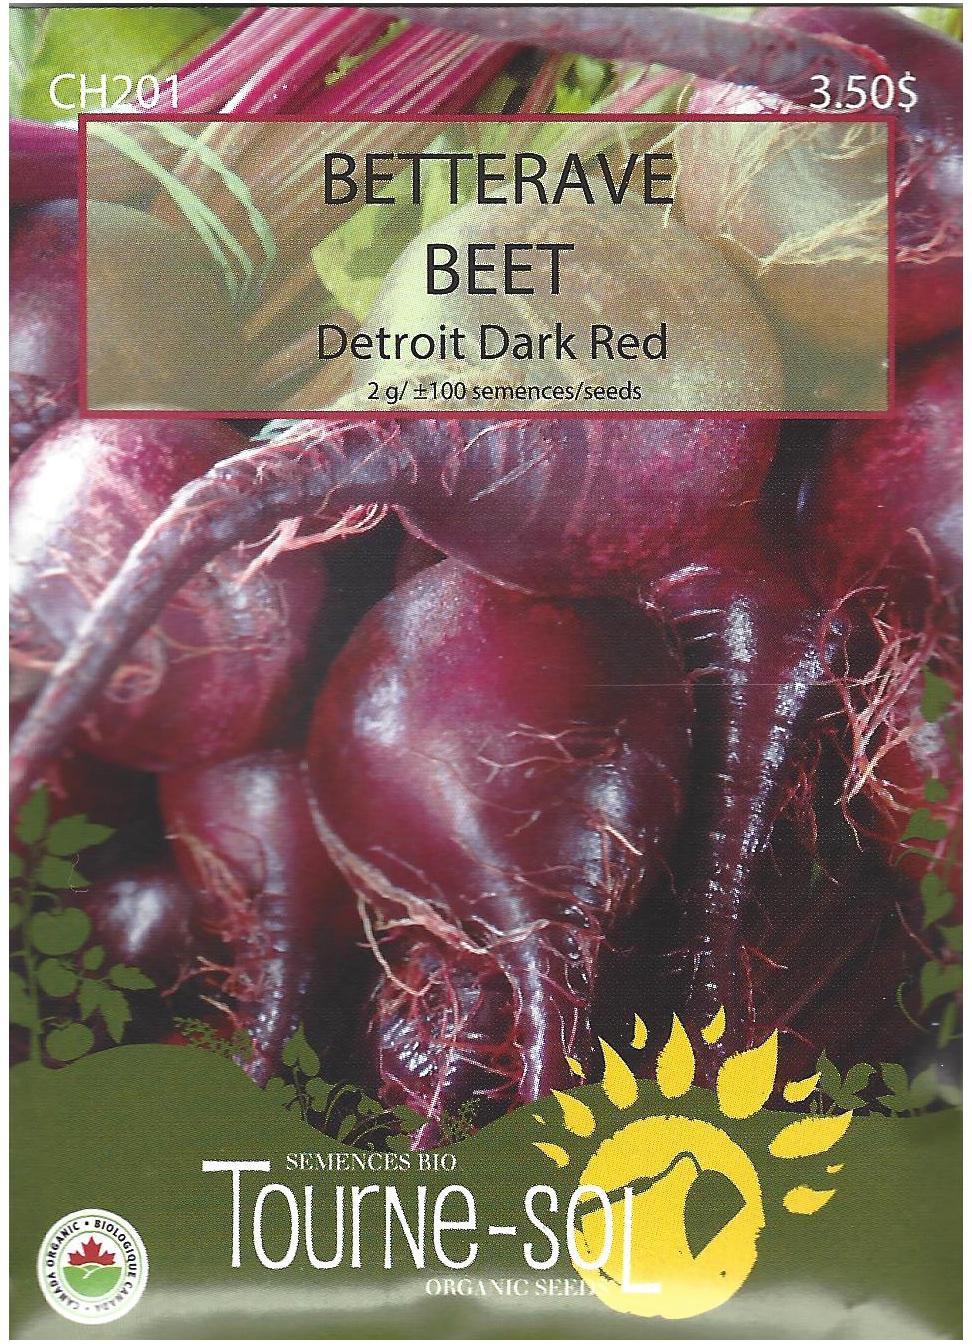 Semence Tourne-sol Bettrave Detroit Dark Red